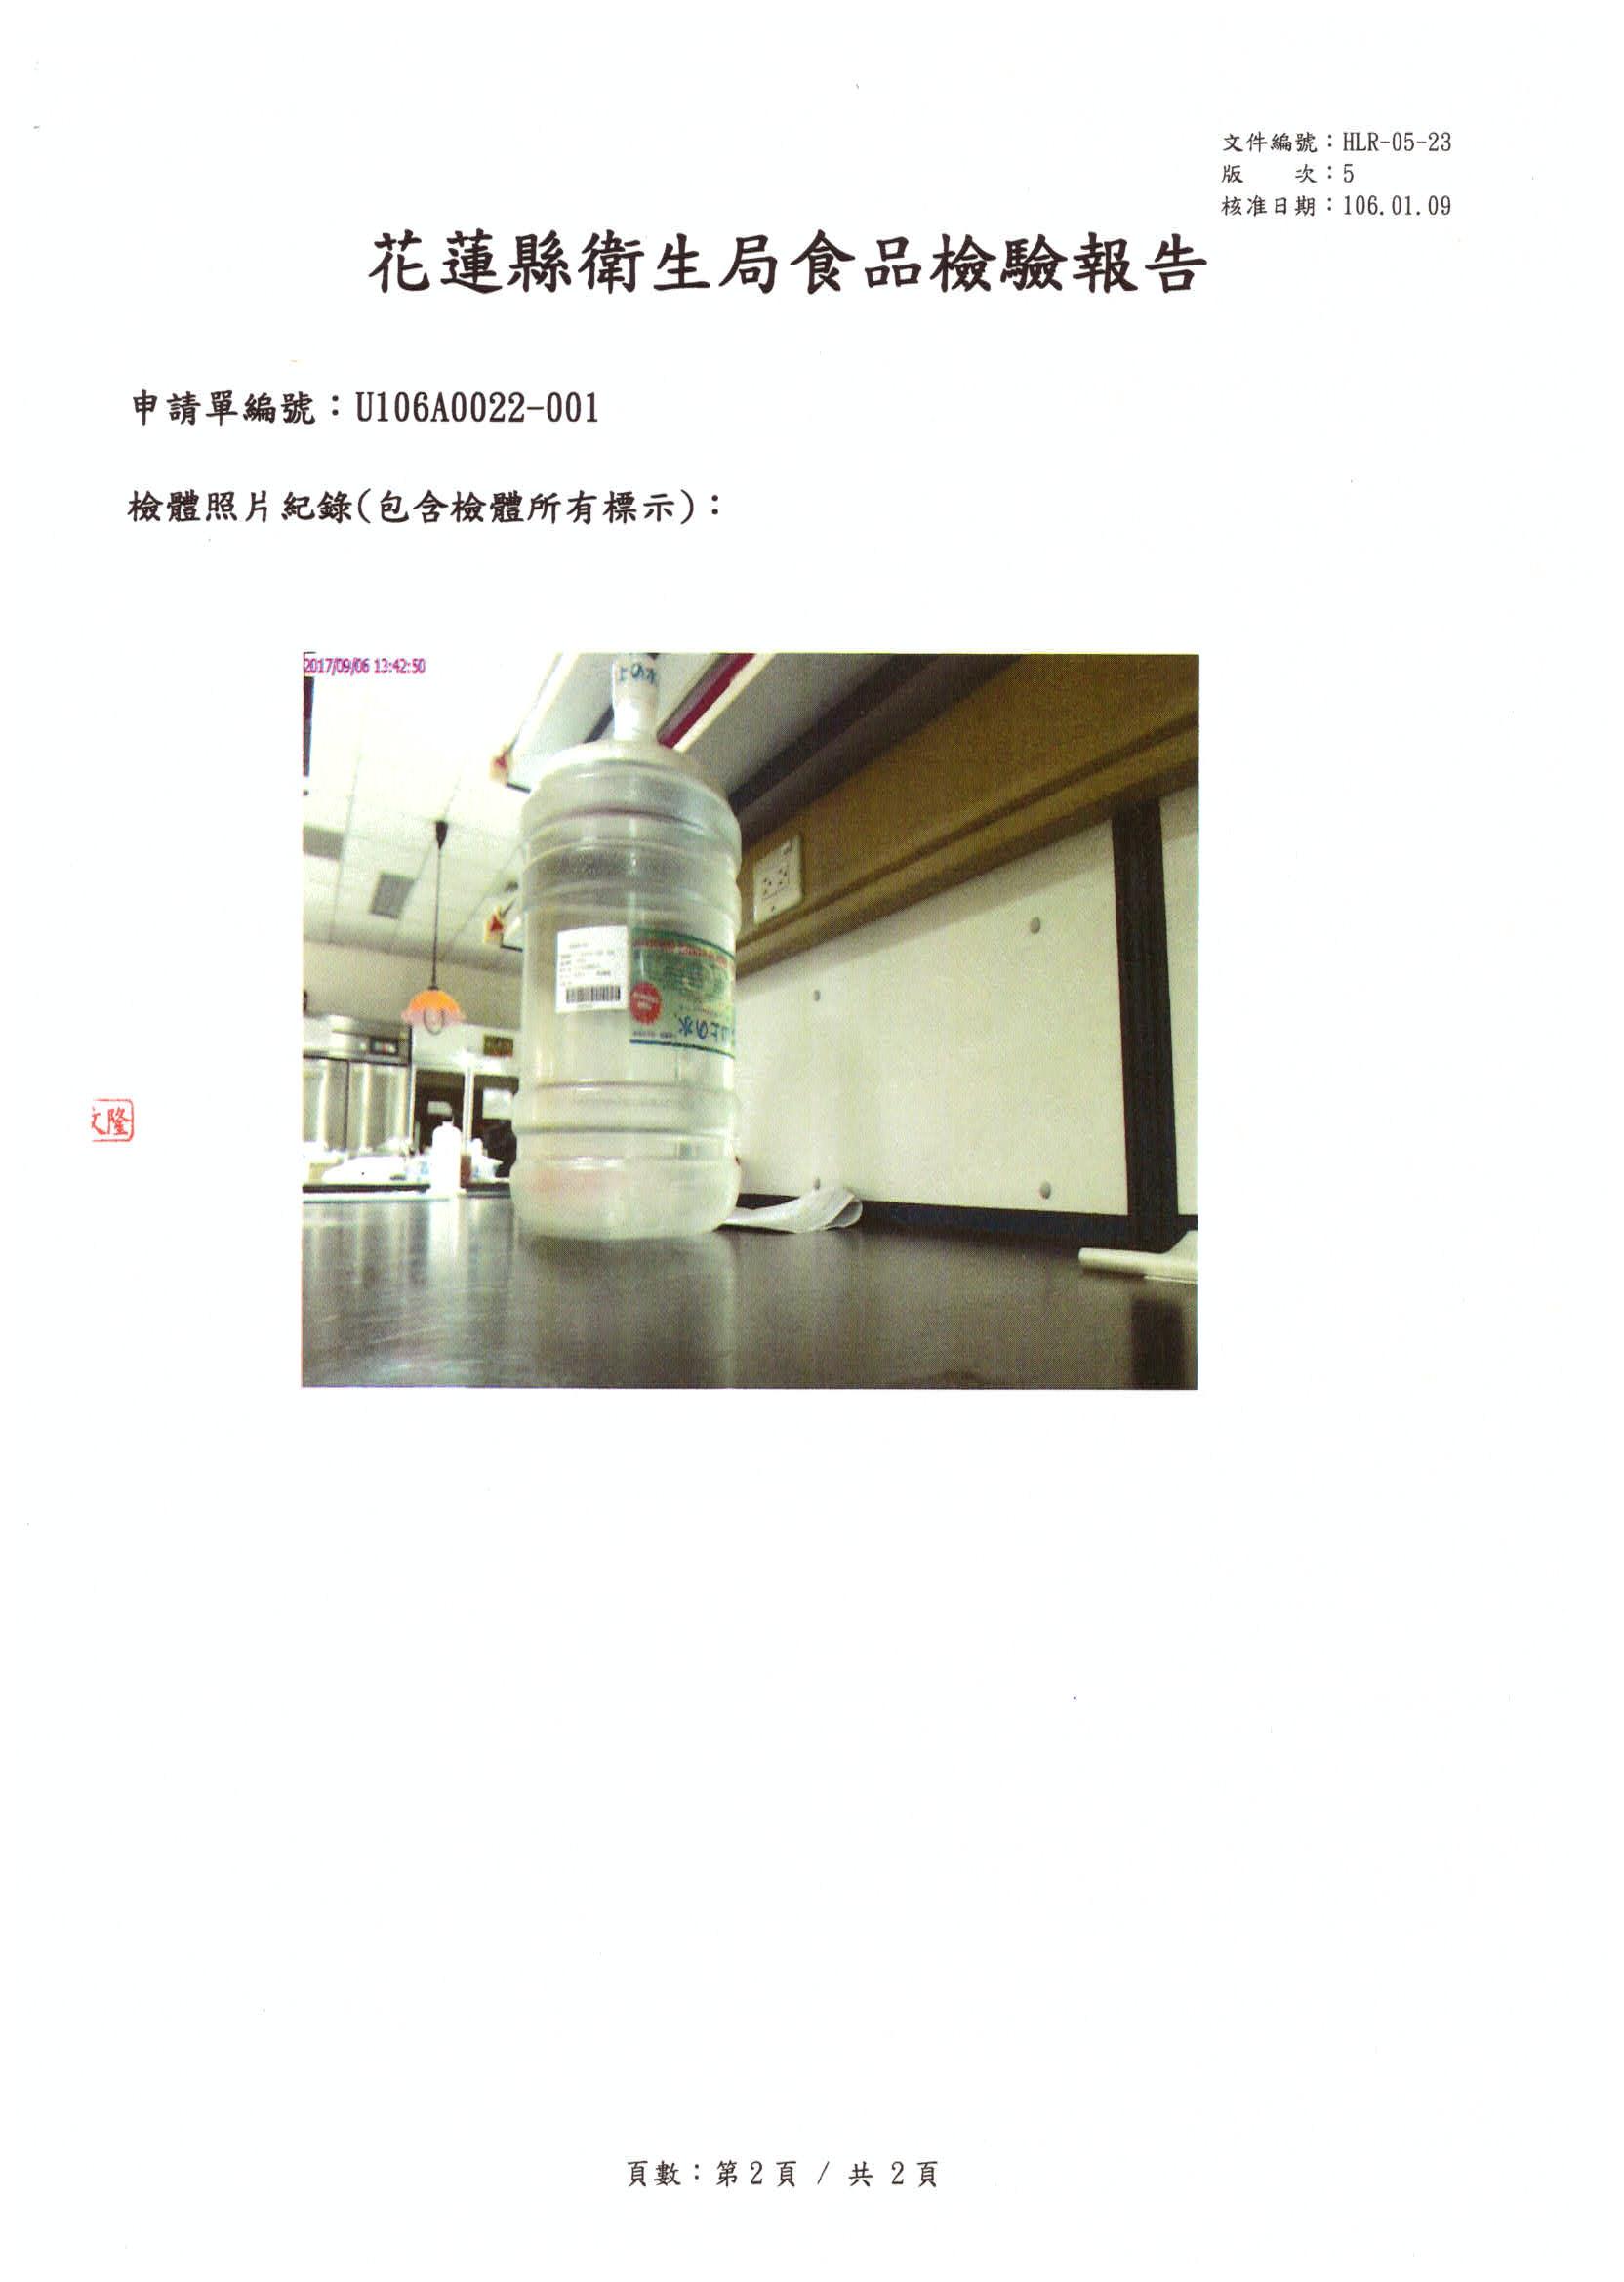 img-160603172208_頁面_2